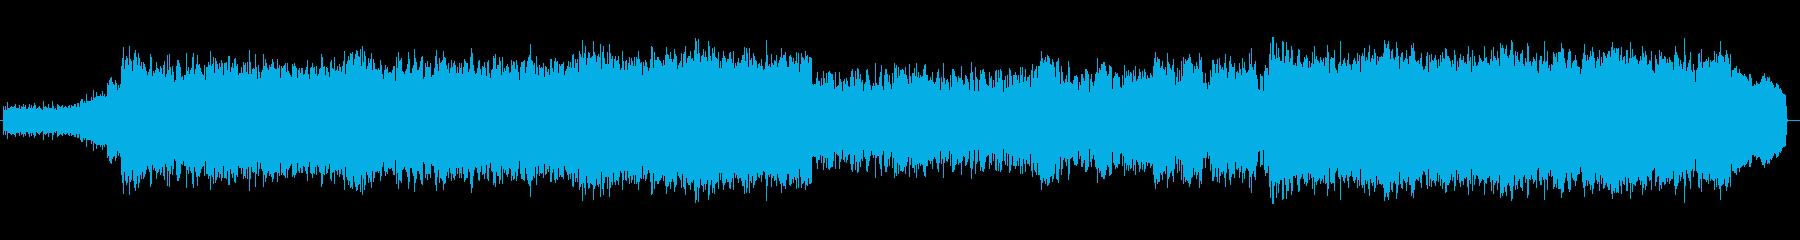 大会 オープニング ロックの再生済みの波形